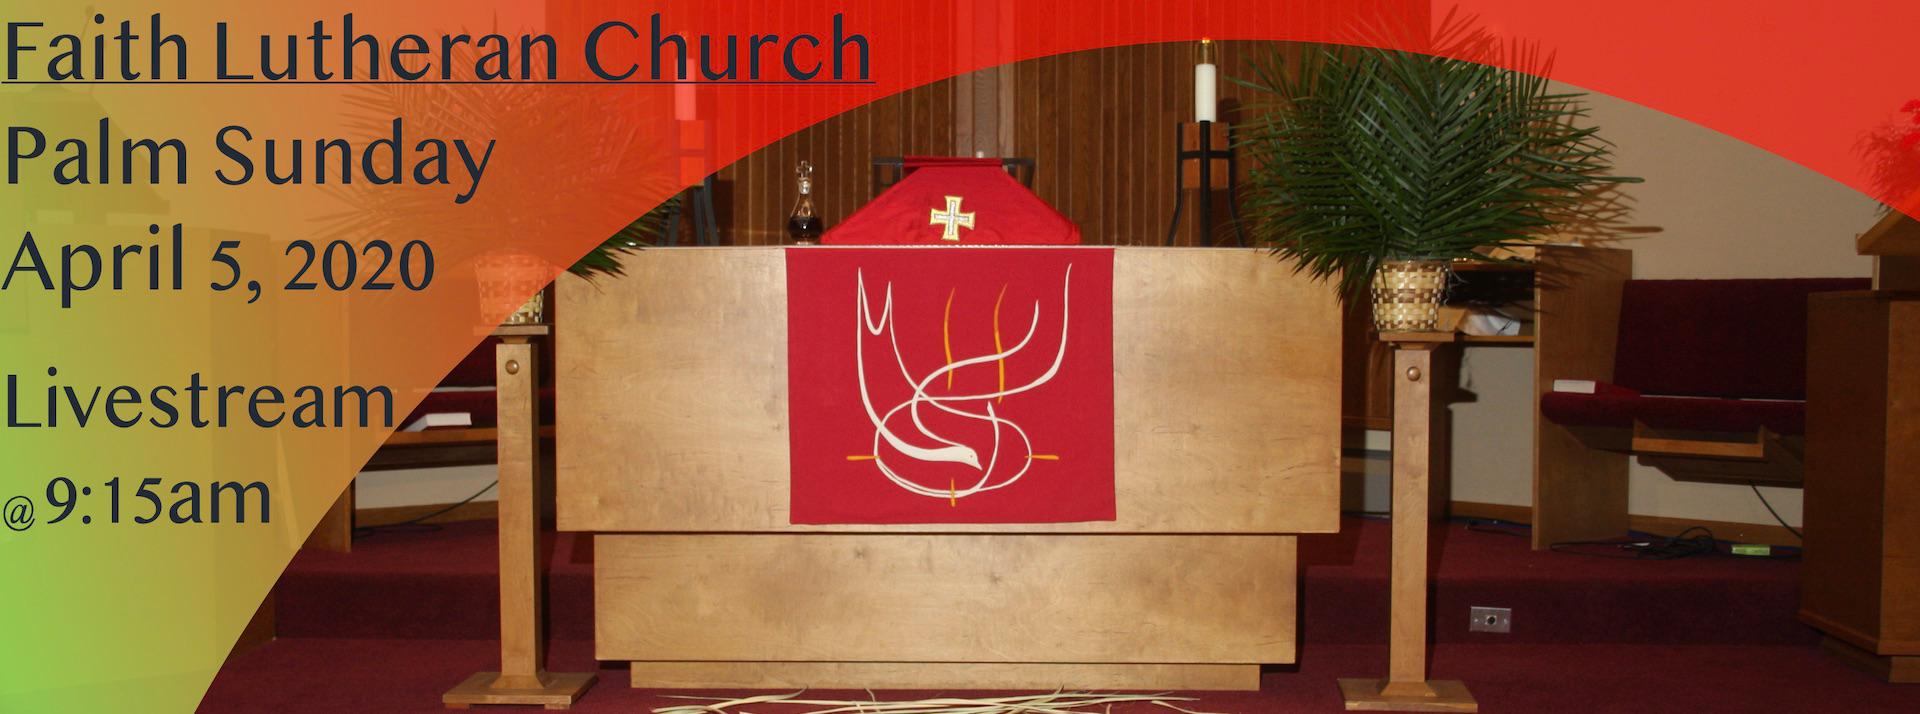 Livestream of Palm Sunday service, April 5